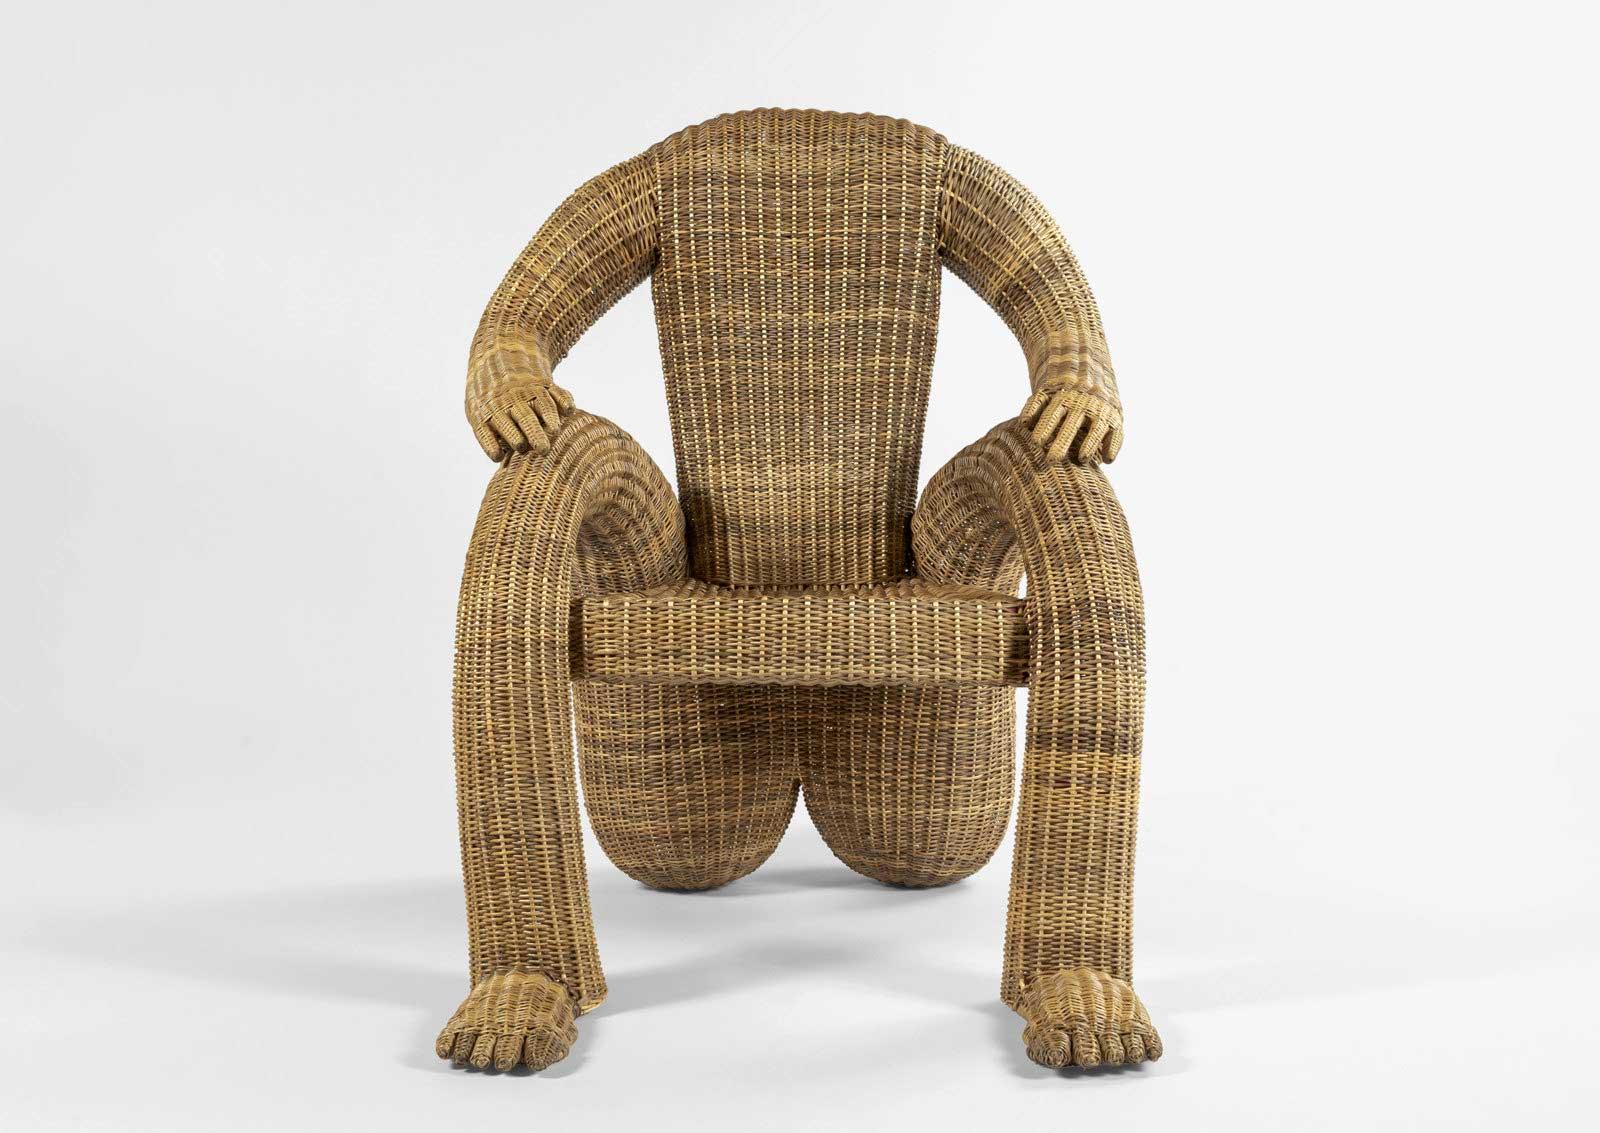 Stühle mit Armen und Beinen stuhldesigns-von-Chris-Wolston_05